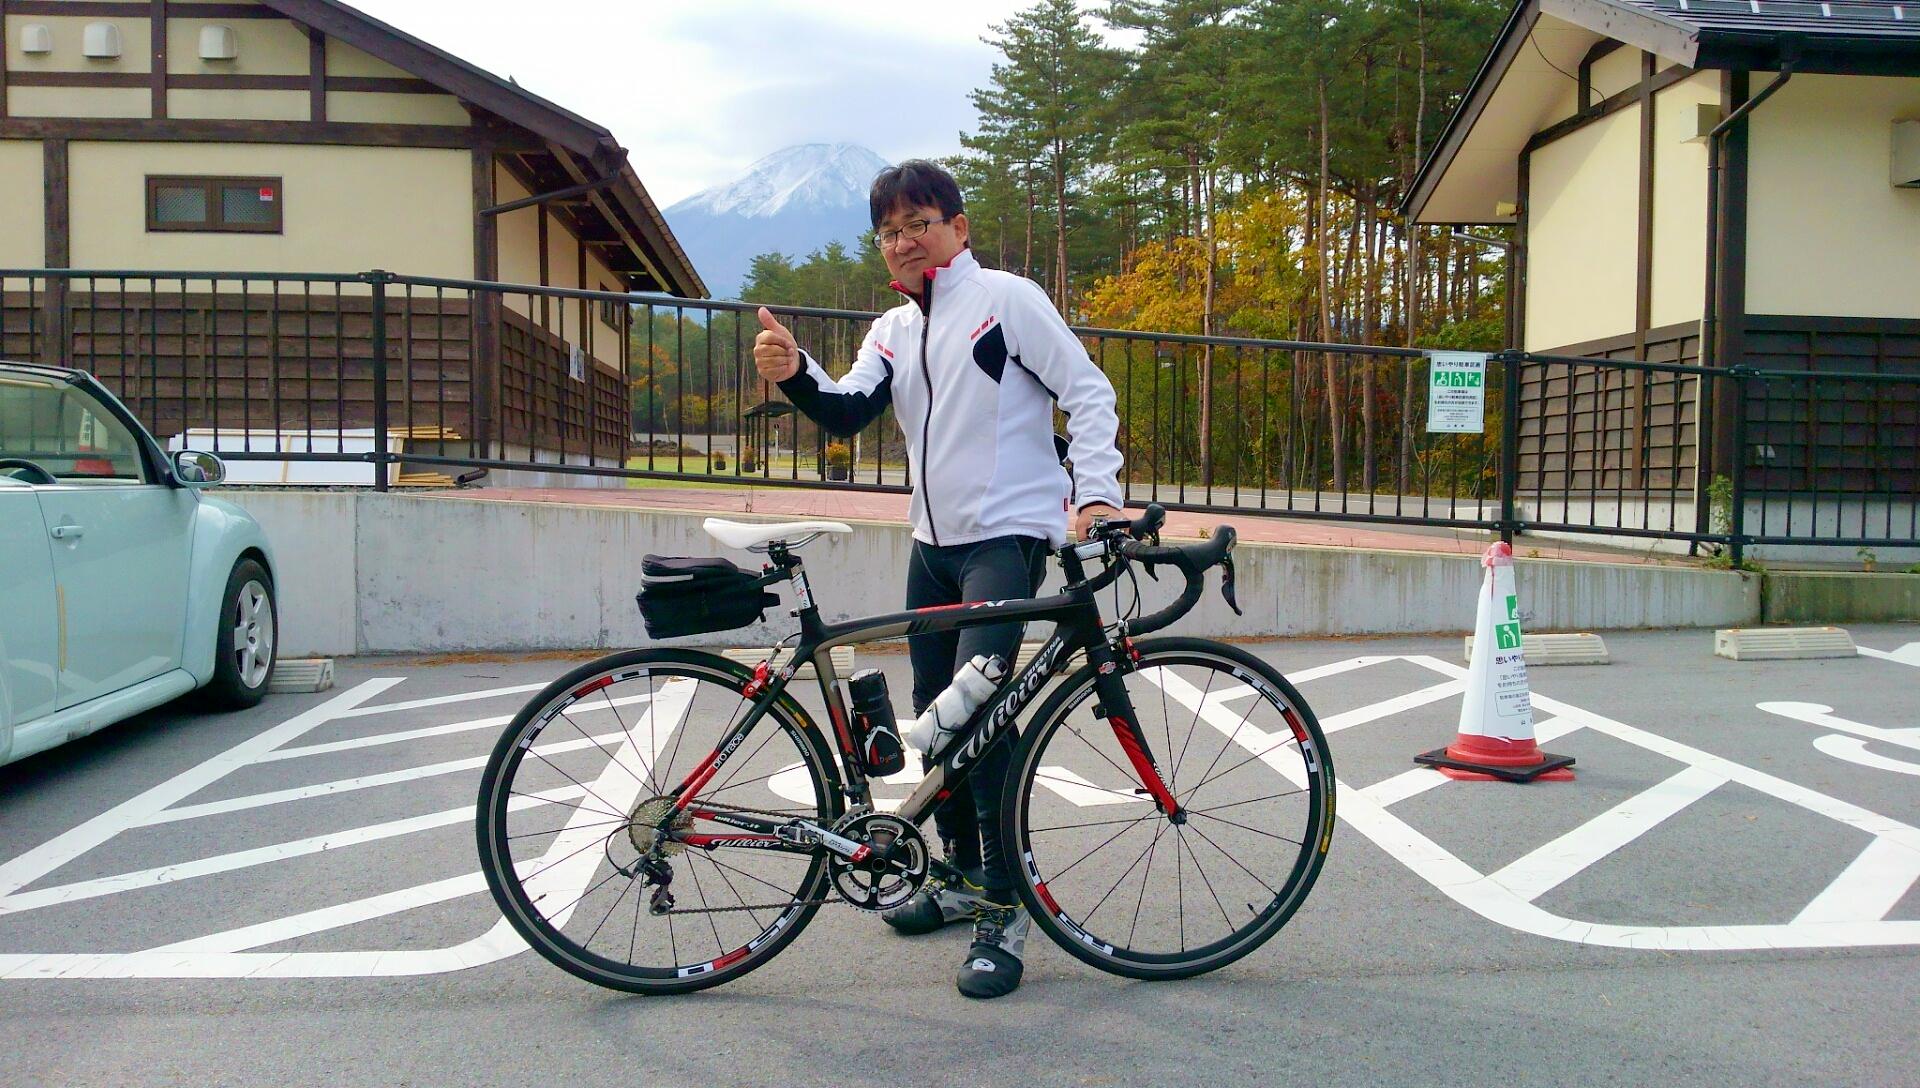 富士山ヒルクライム・アスケン!Mt.富士ヒルクライムと同じコース走りました! 11月3日 暑くて寒い日